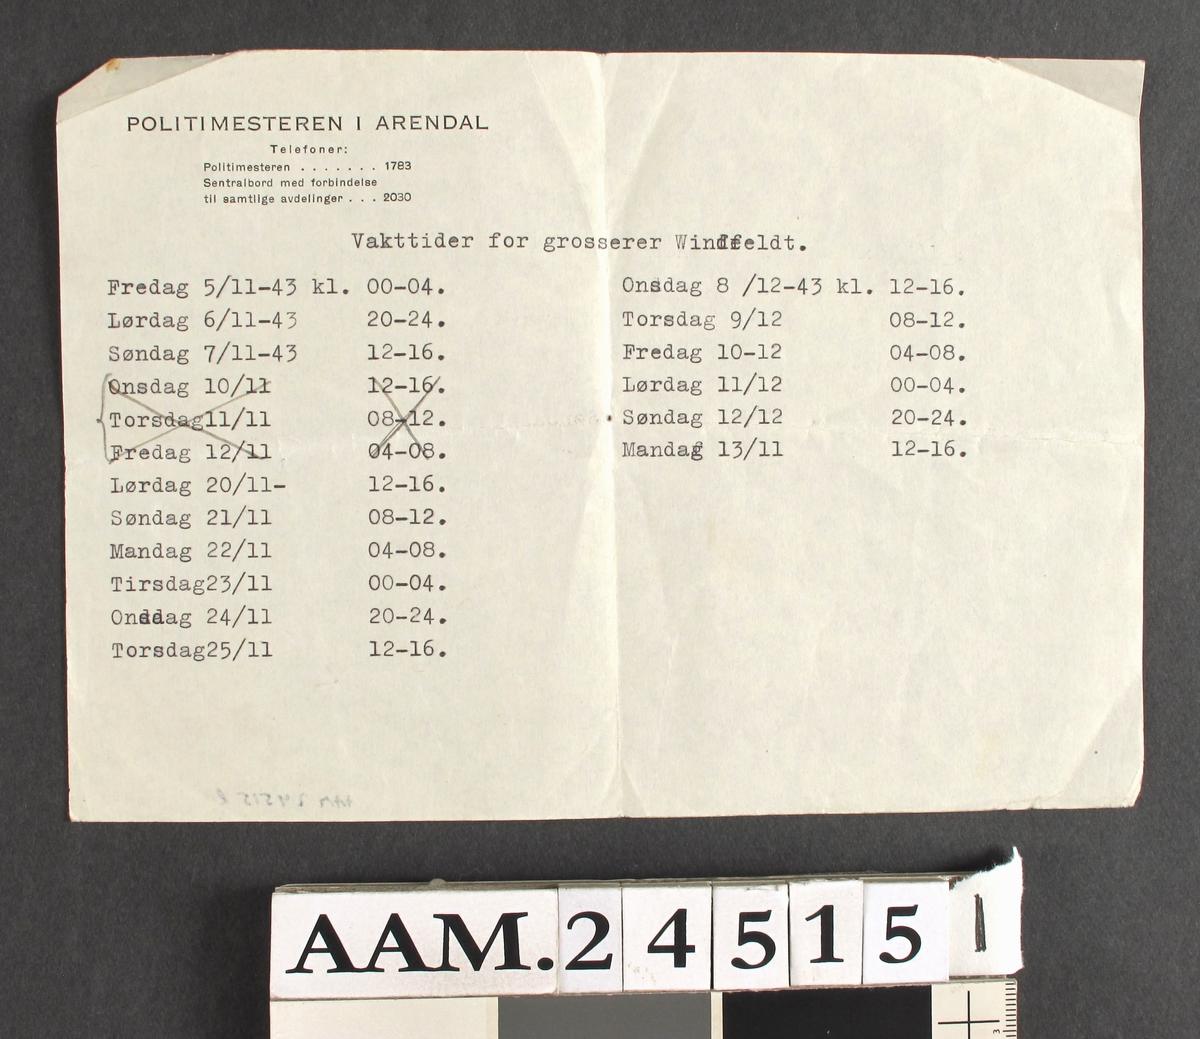 Borgervakt: vaktliste. Dokument, skrevet med skrivemaskin, utstedt av politimesteren i Arendal.